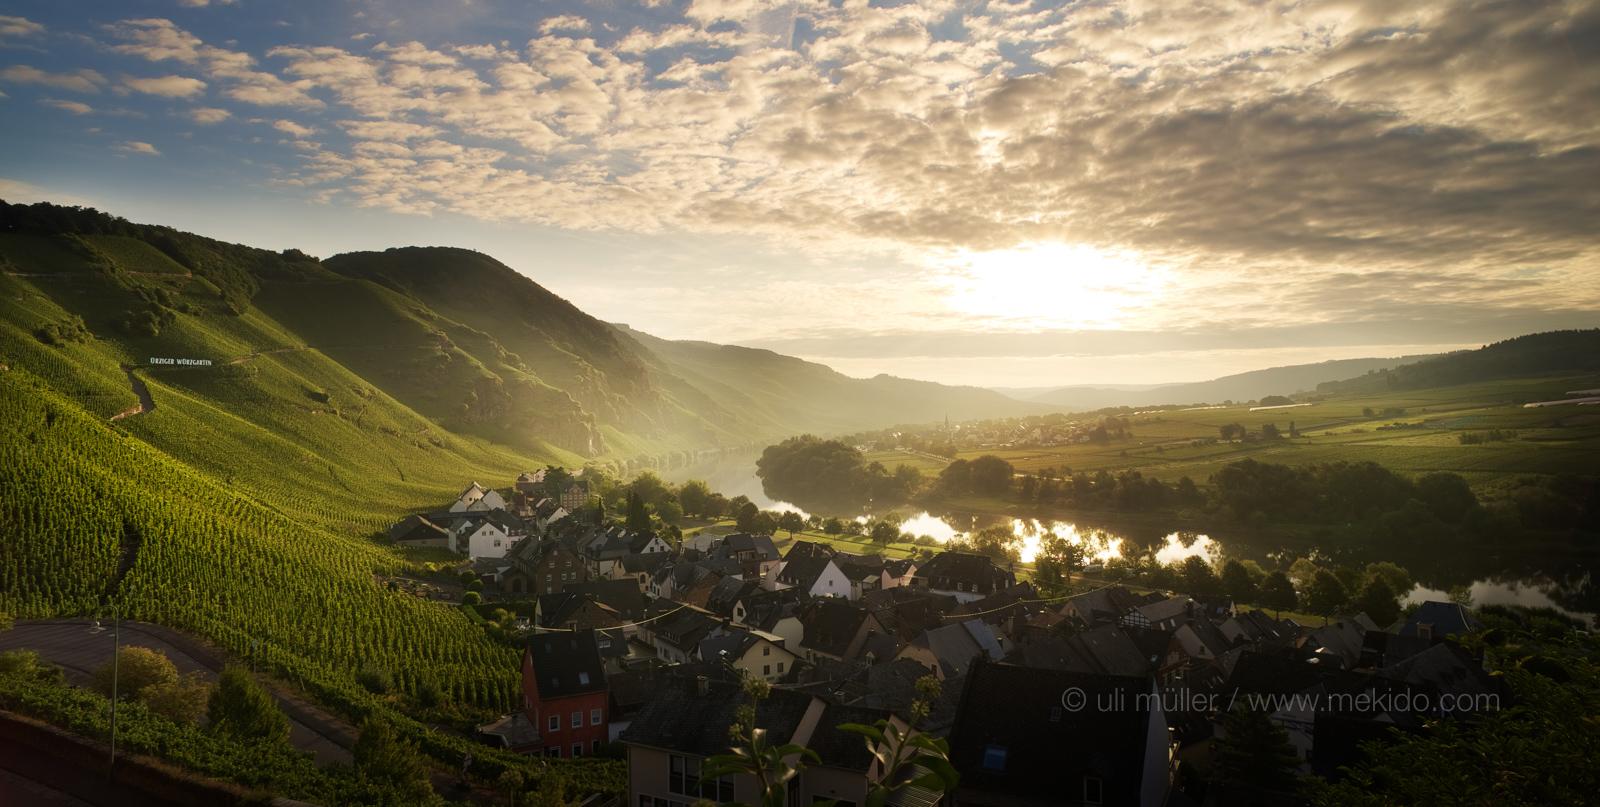 Ürzig an der Mosel mit der Weinlage Ürziger Würzgarten in der Morgensonne. Das Foto ist sehr gut für Touristik-Werbung geeignet.